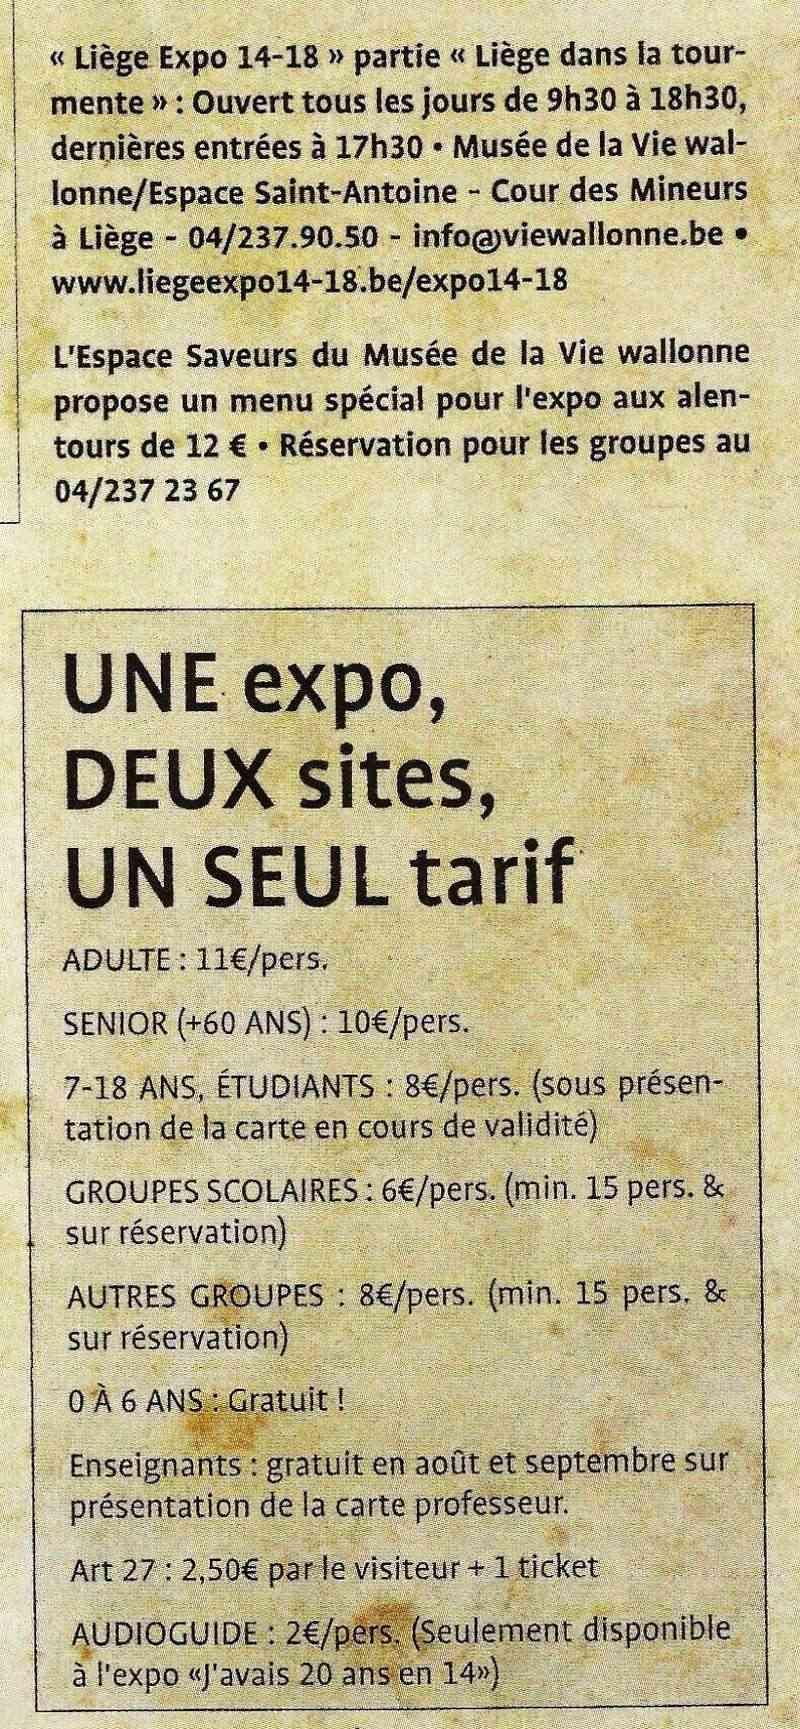 liège expo 14-18 Tarif10